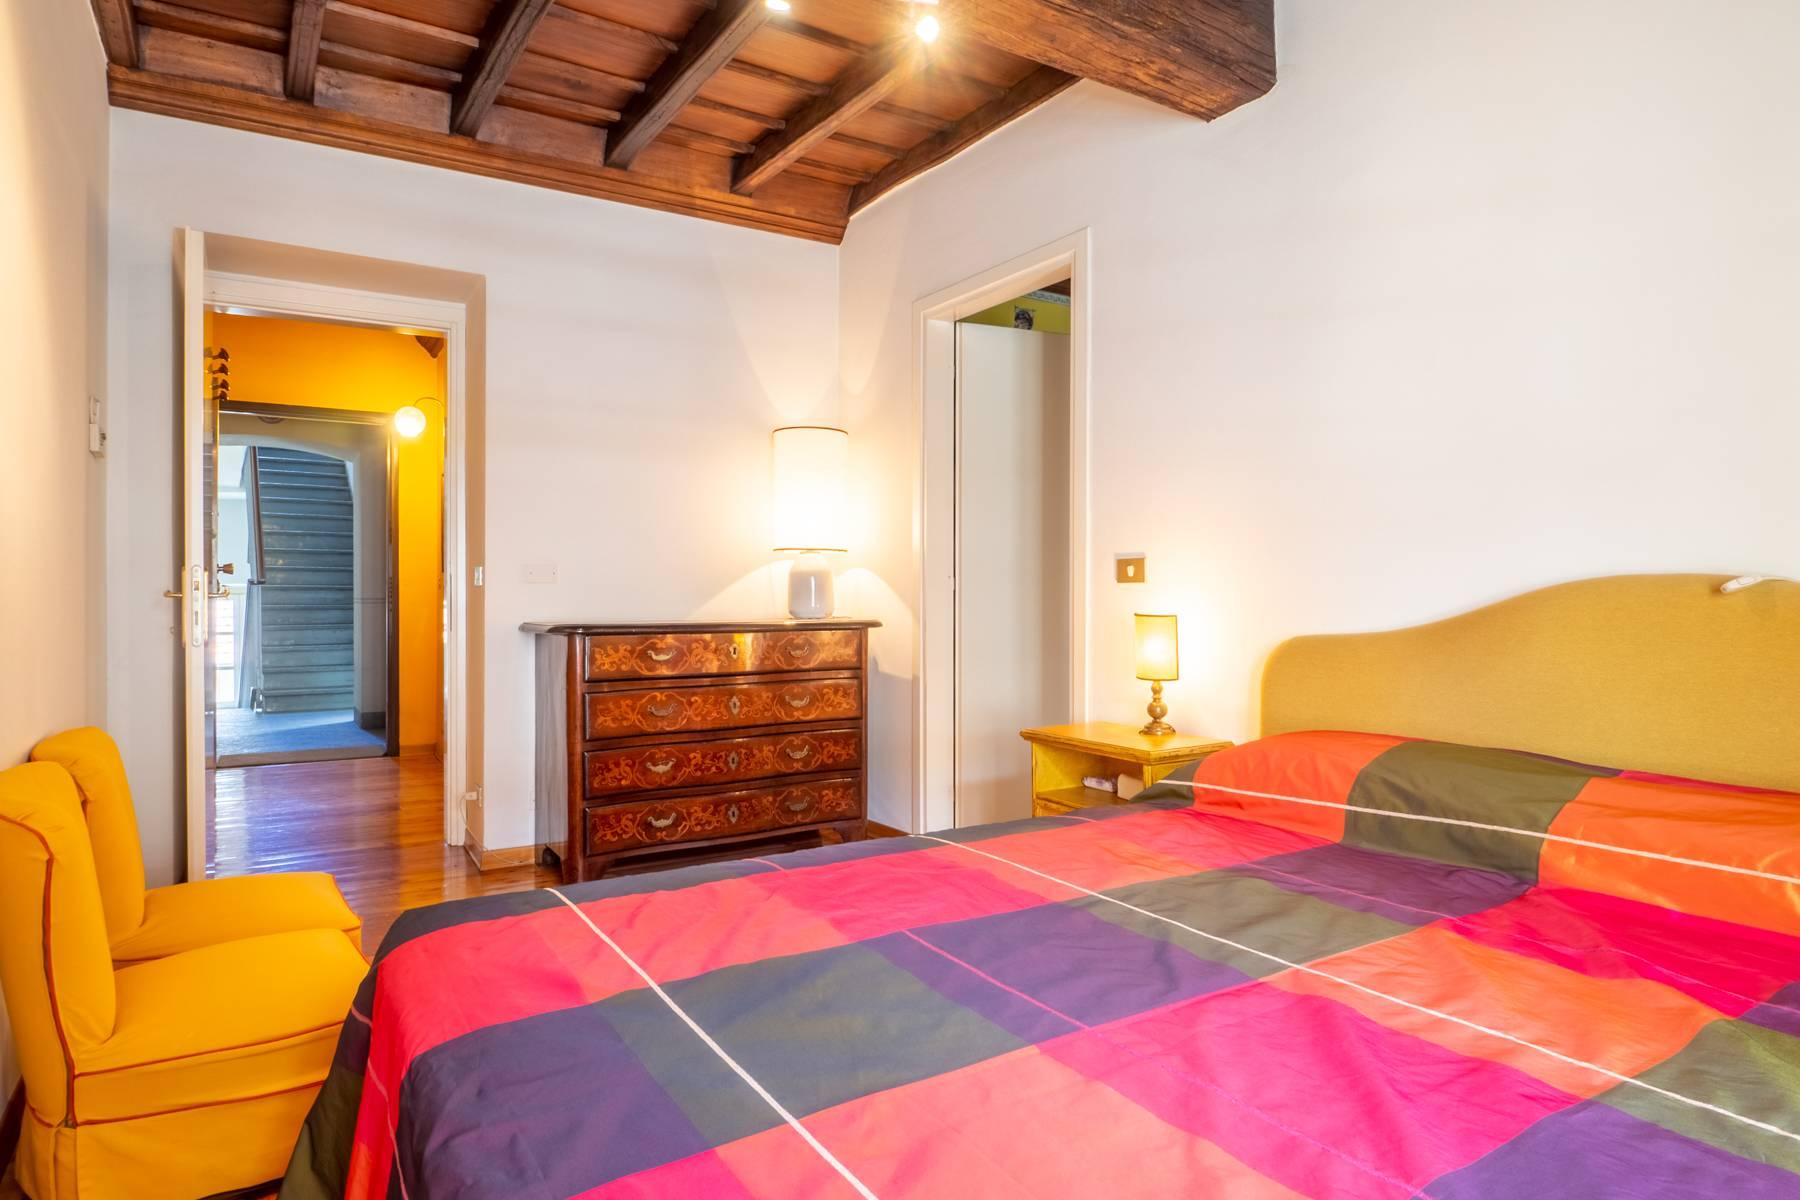 Appartamento in Vendita a Torino: 4 locali, 119 mq - Foto 6